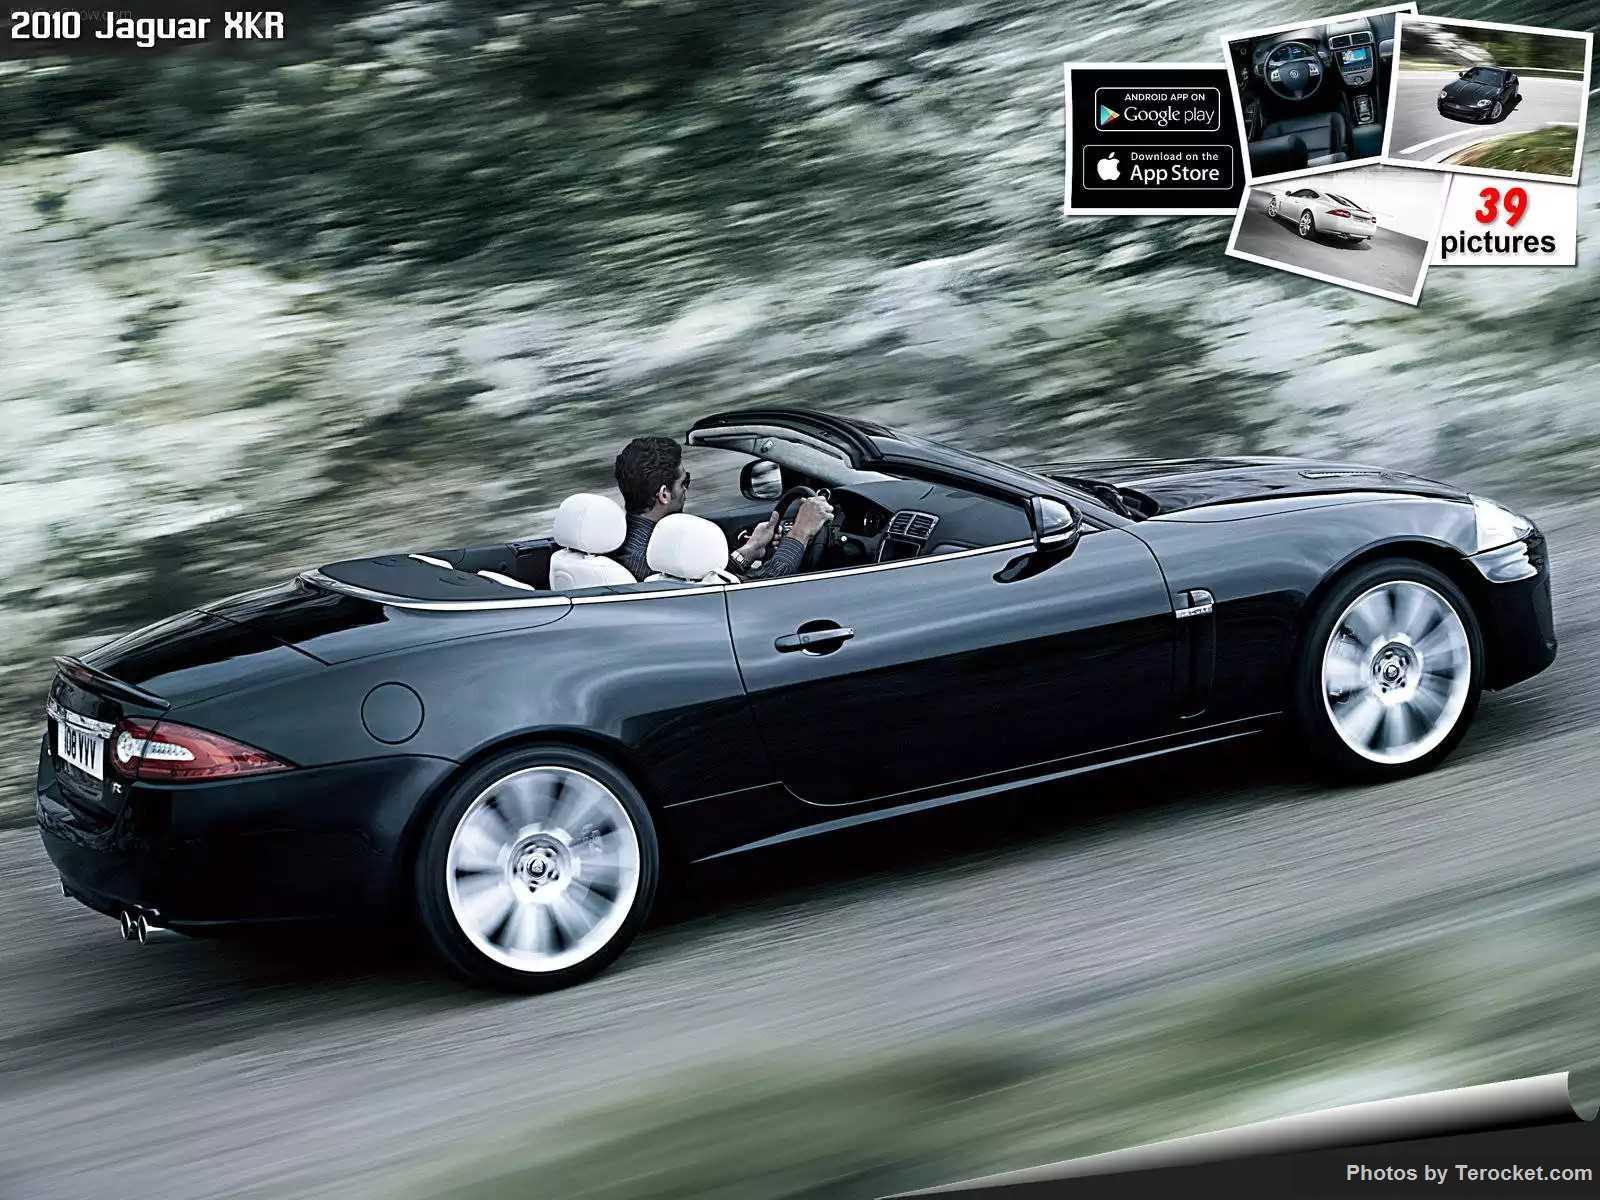 Hình ảnh xe ô tô Jaguar XKR 2010 & nội ngoại thất